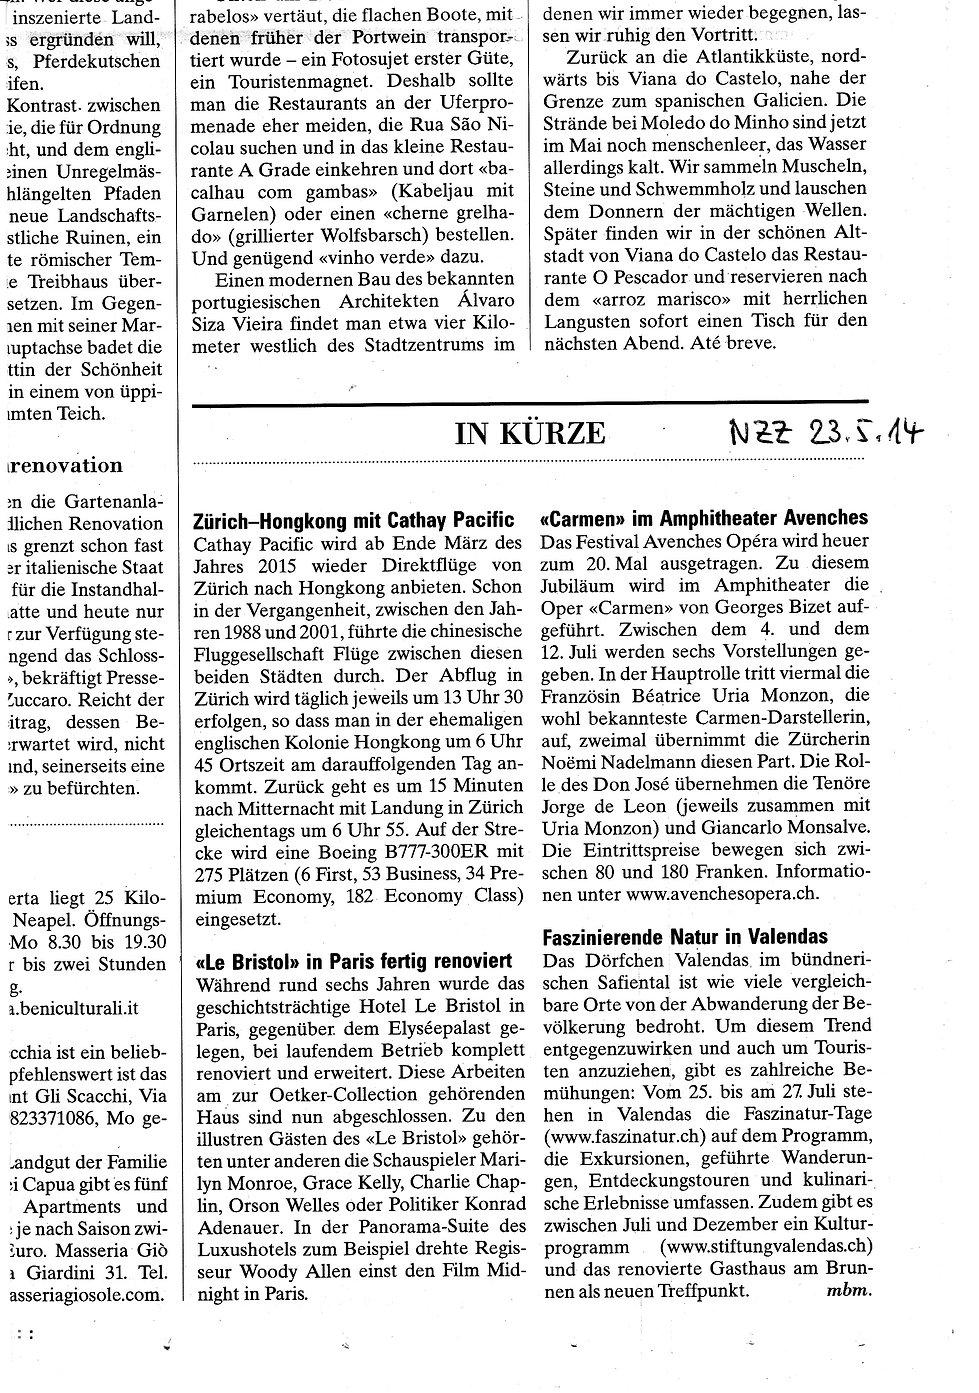 Neue-ZÅrcher-Zeitung-23_5_2014.jpg